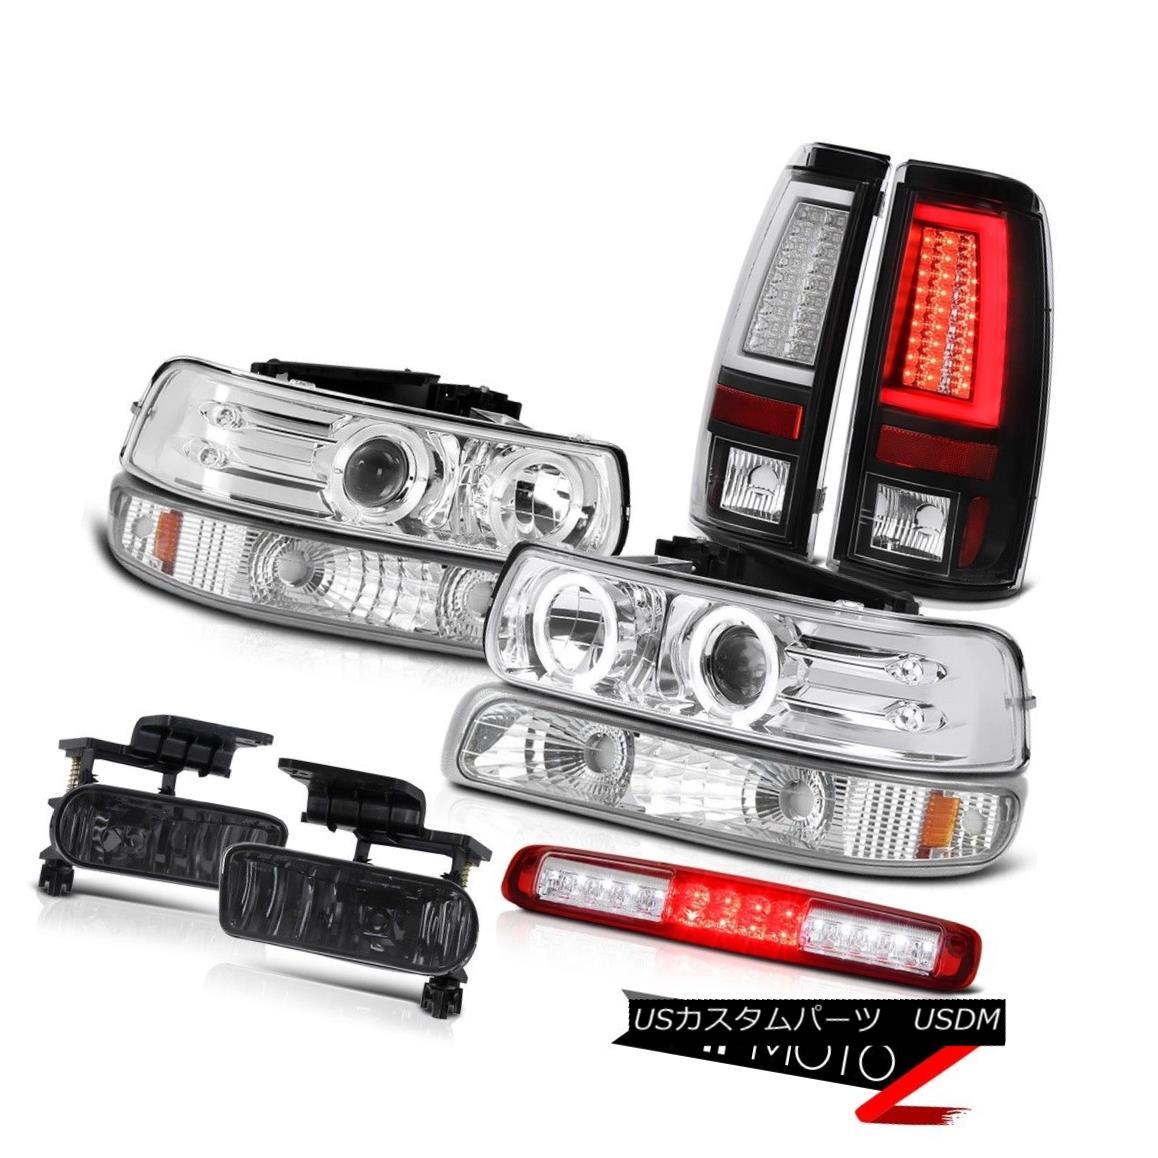 テールライト 99-02 Silverado 4.3L Taillamps Parking Lamp Headlights 3rd Brake Foglights LED 99-02 Silverado 4.3L Taillampsパーキングランプヘッドライト3rdブレーキフォグライトLED